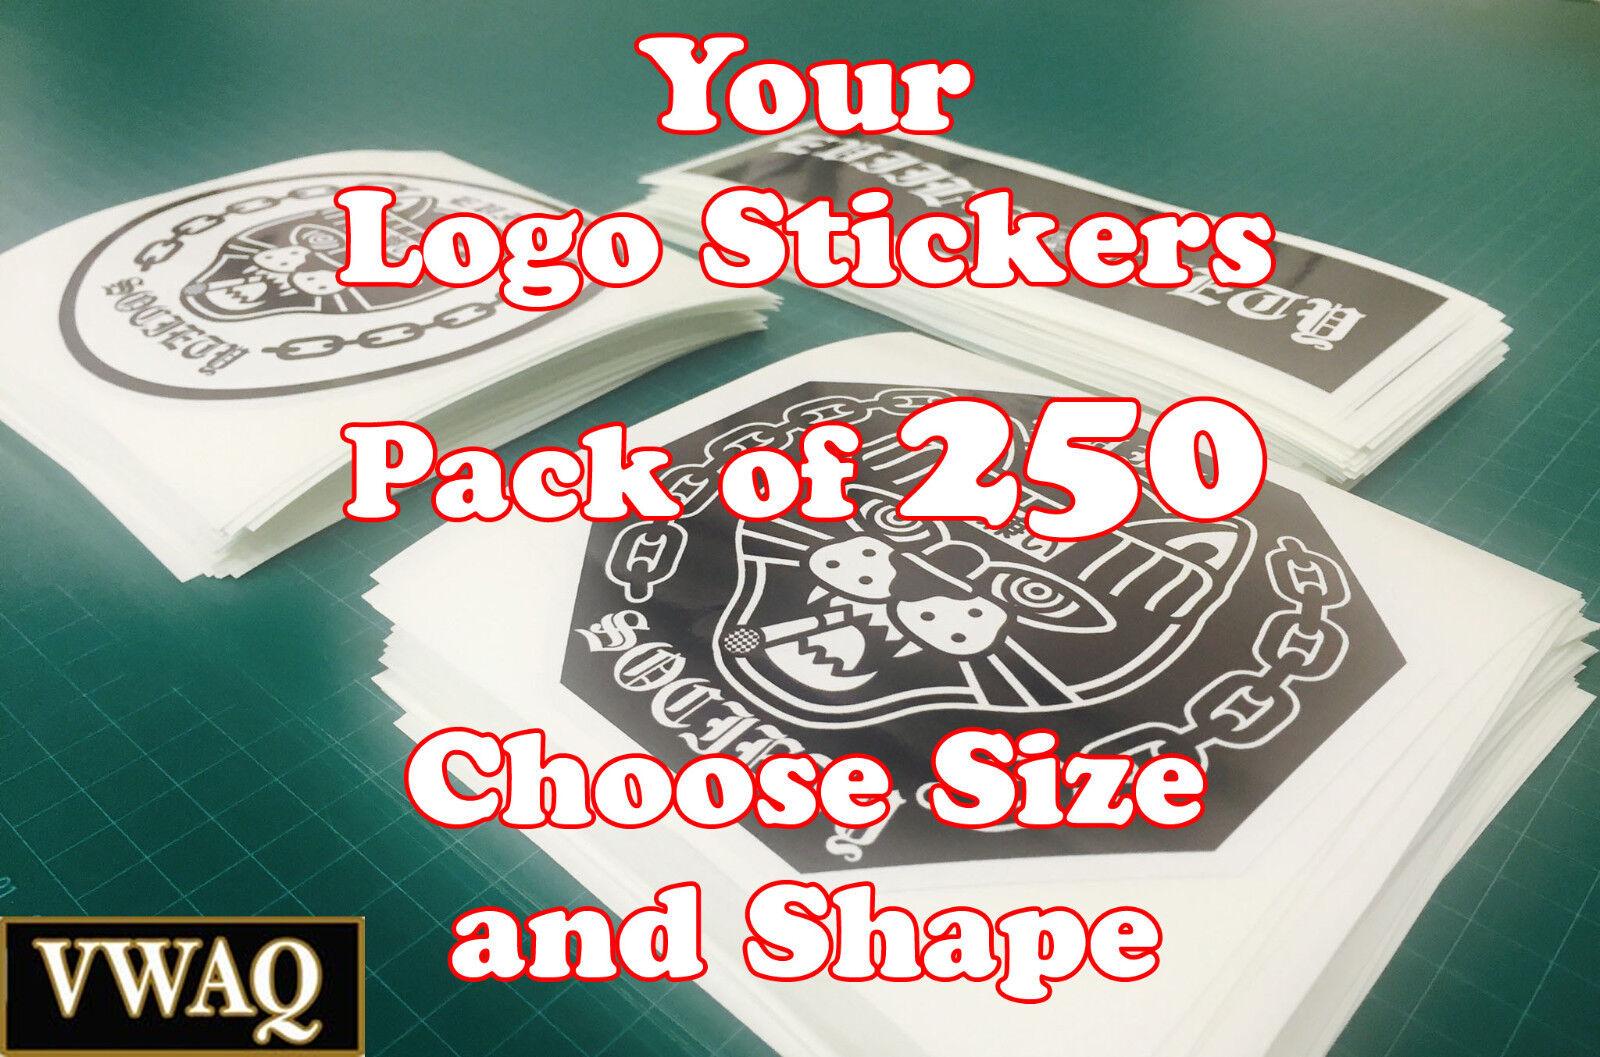 Logotipo personalizado pegatinas Paquete de 250 su diseño de logotipo pegatina de vinilo grabados vwaq